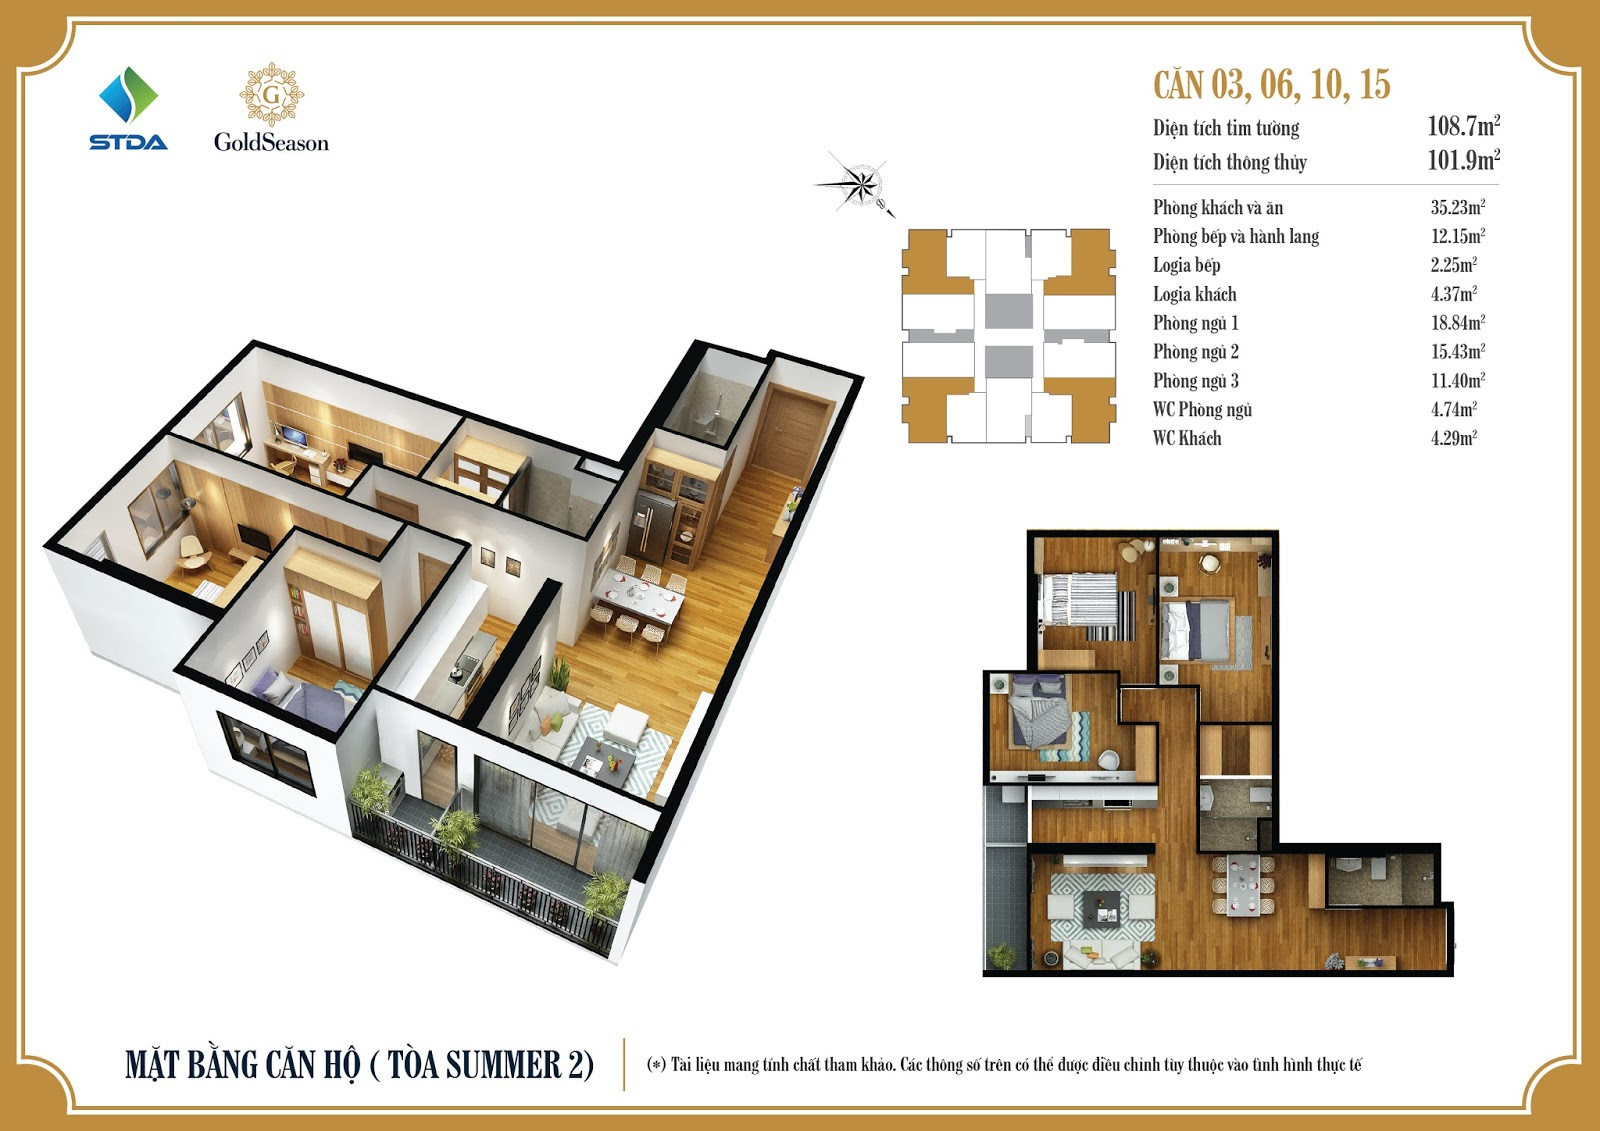 Mặt bằng căn hộ 03, 06, 10, 15- 108,7m2 - GoldSeason